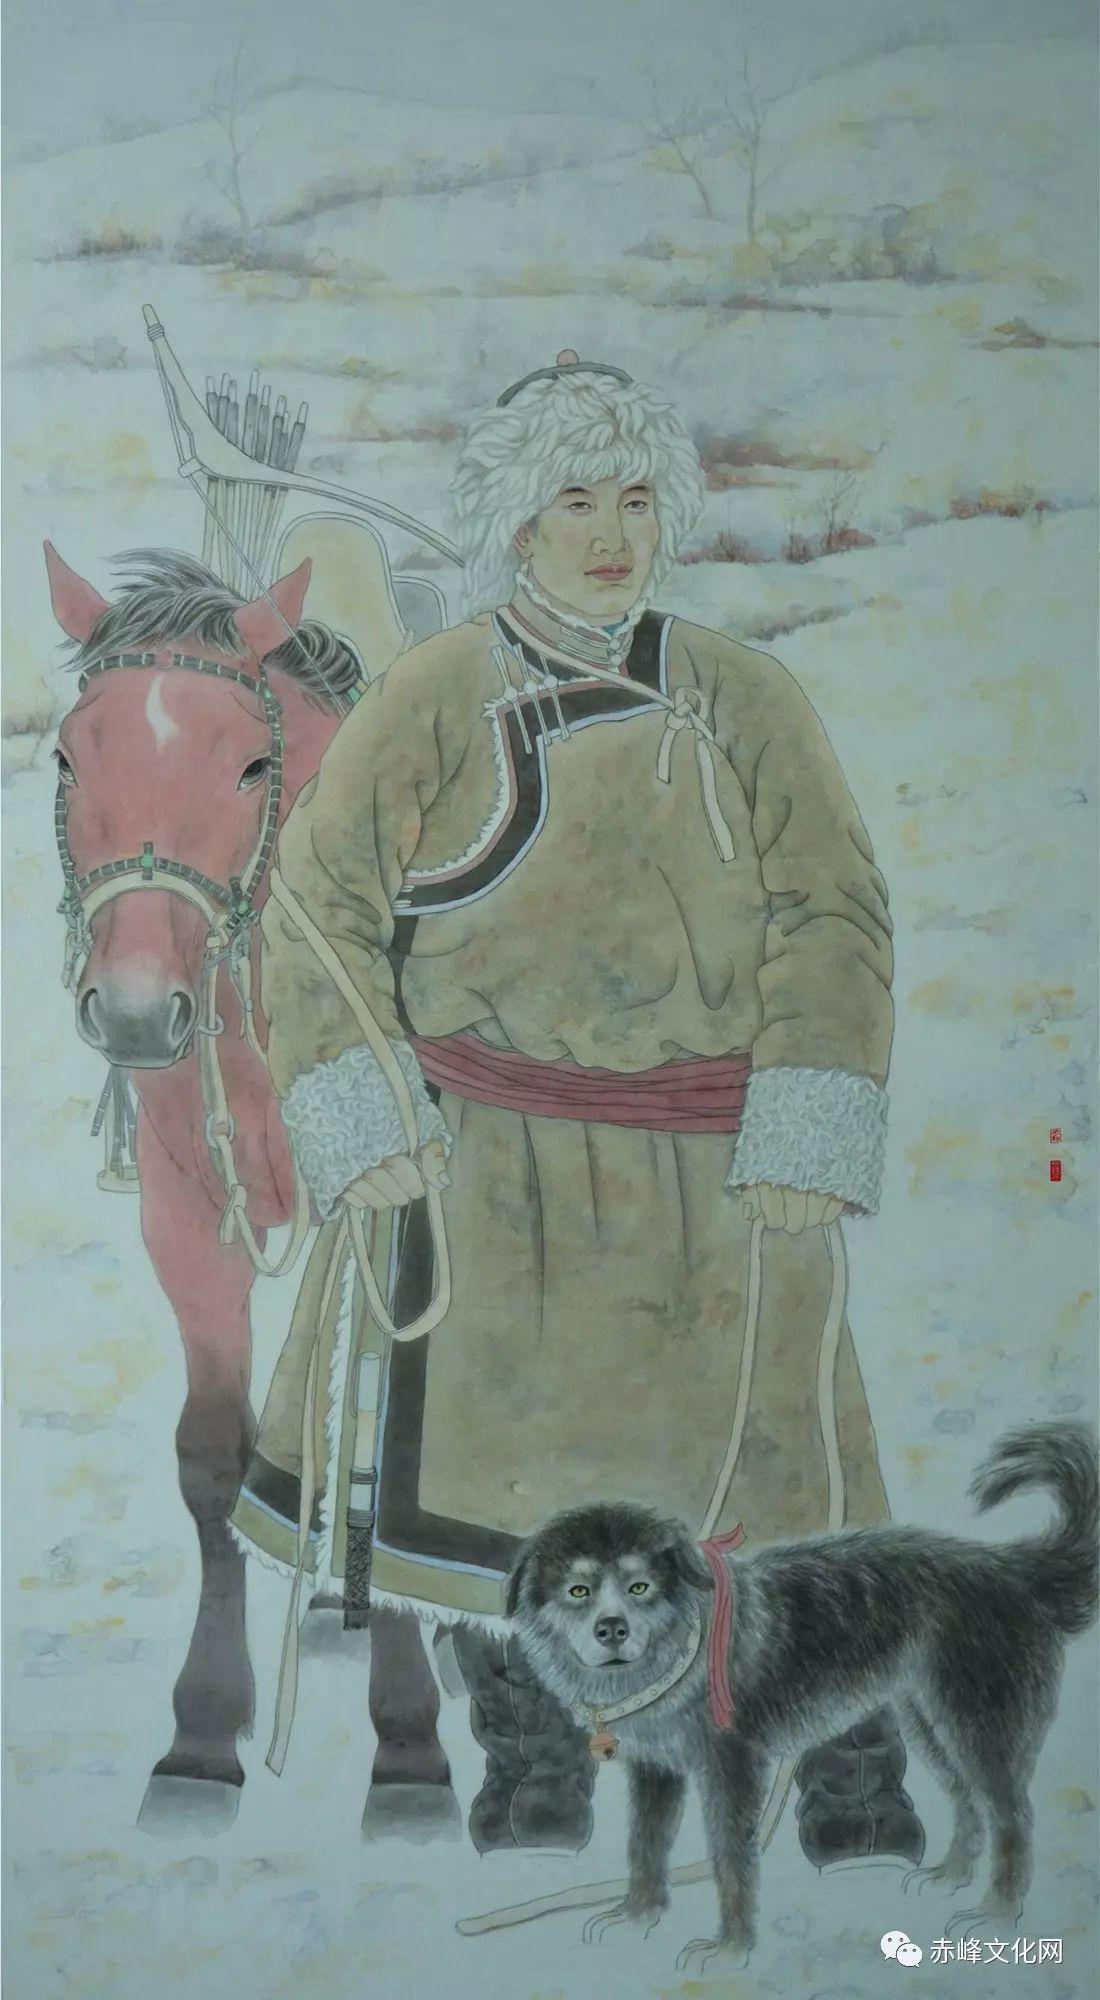 【文化赤峰】水墨丹青、栩栩如生——布和巴特尔国画展! 第4张